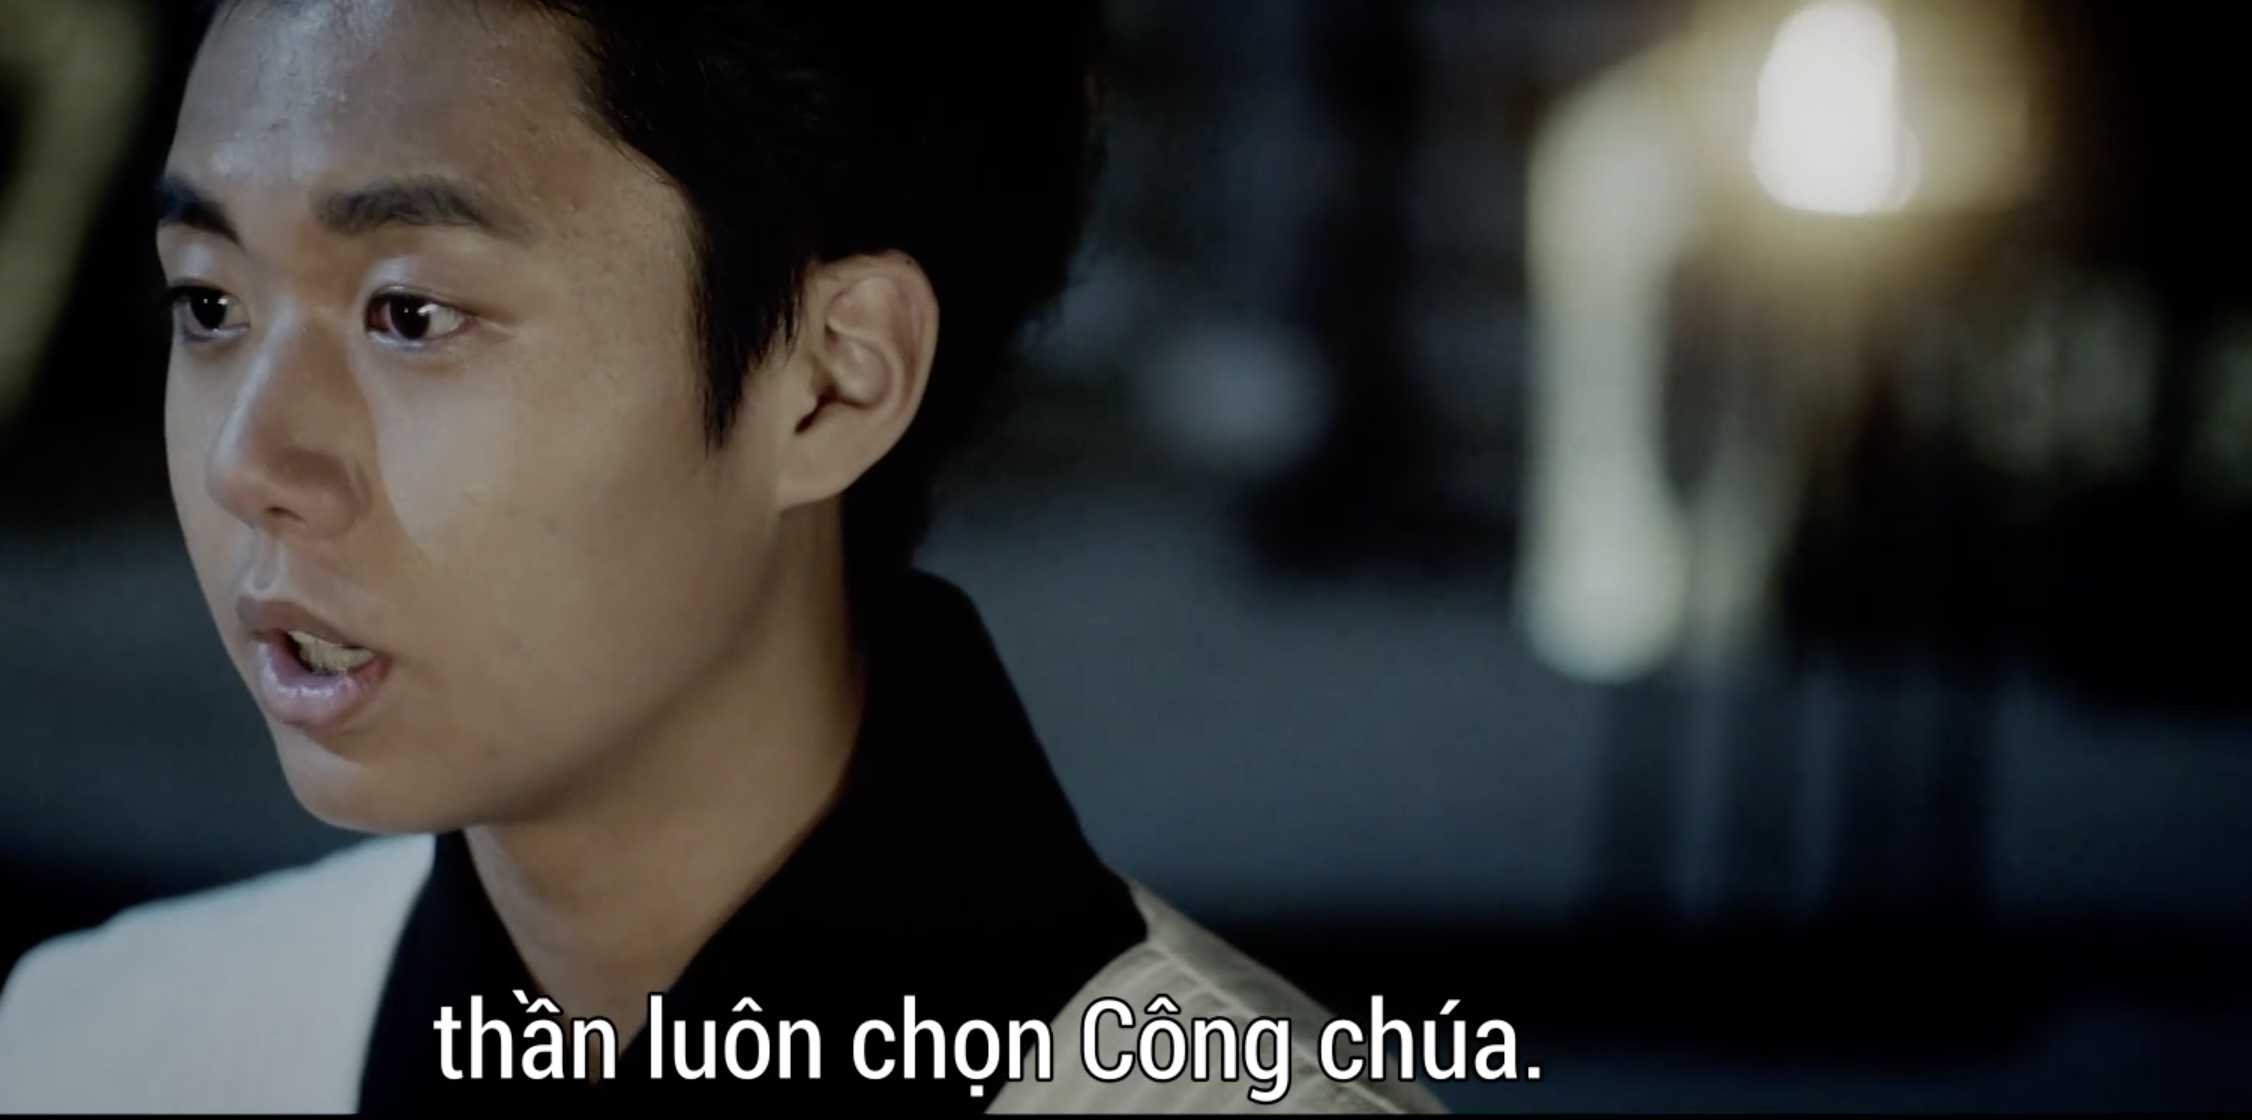 Vừa mới dẫn Kim So Hyun về ra mắt, Ji Soo phát hiện crush là kẻ gián tiếp giết cha ở Sông Đón Trăng Lên? - Ảnh 14.